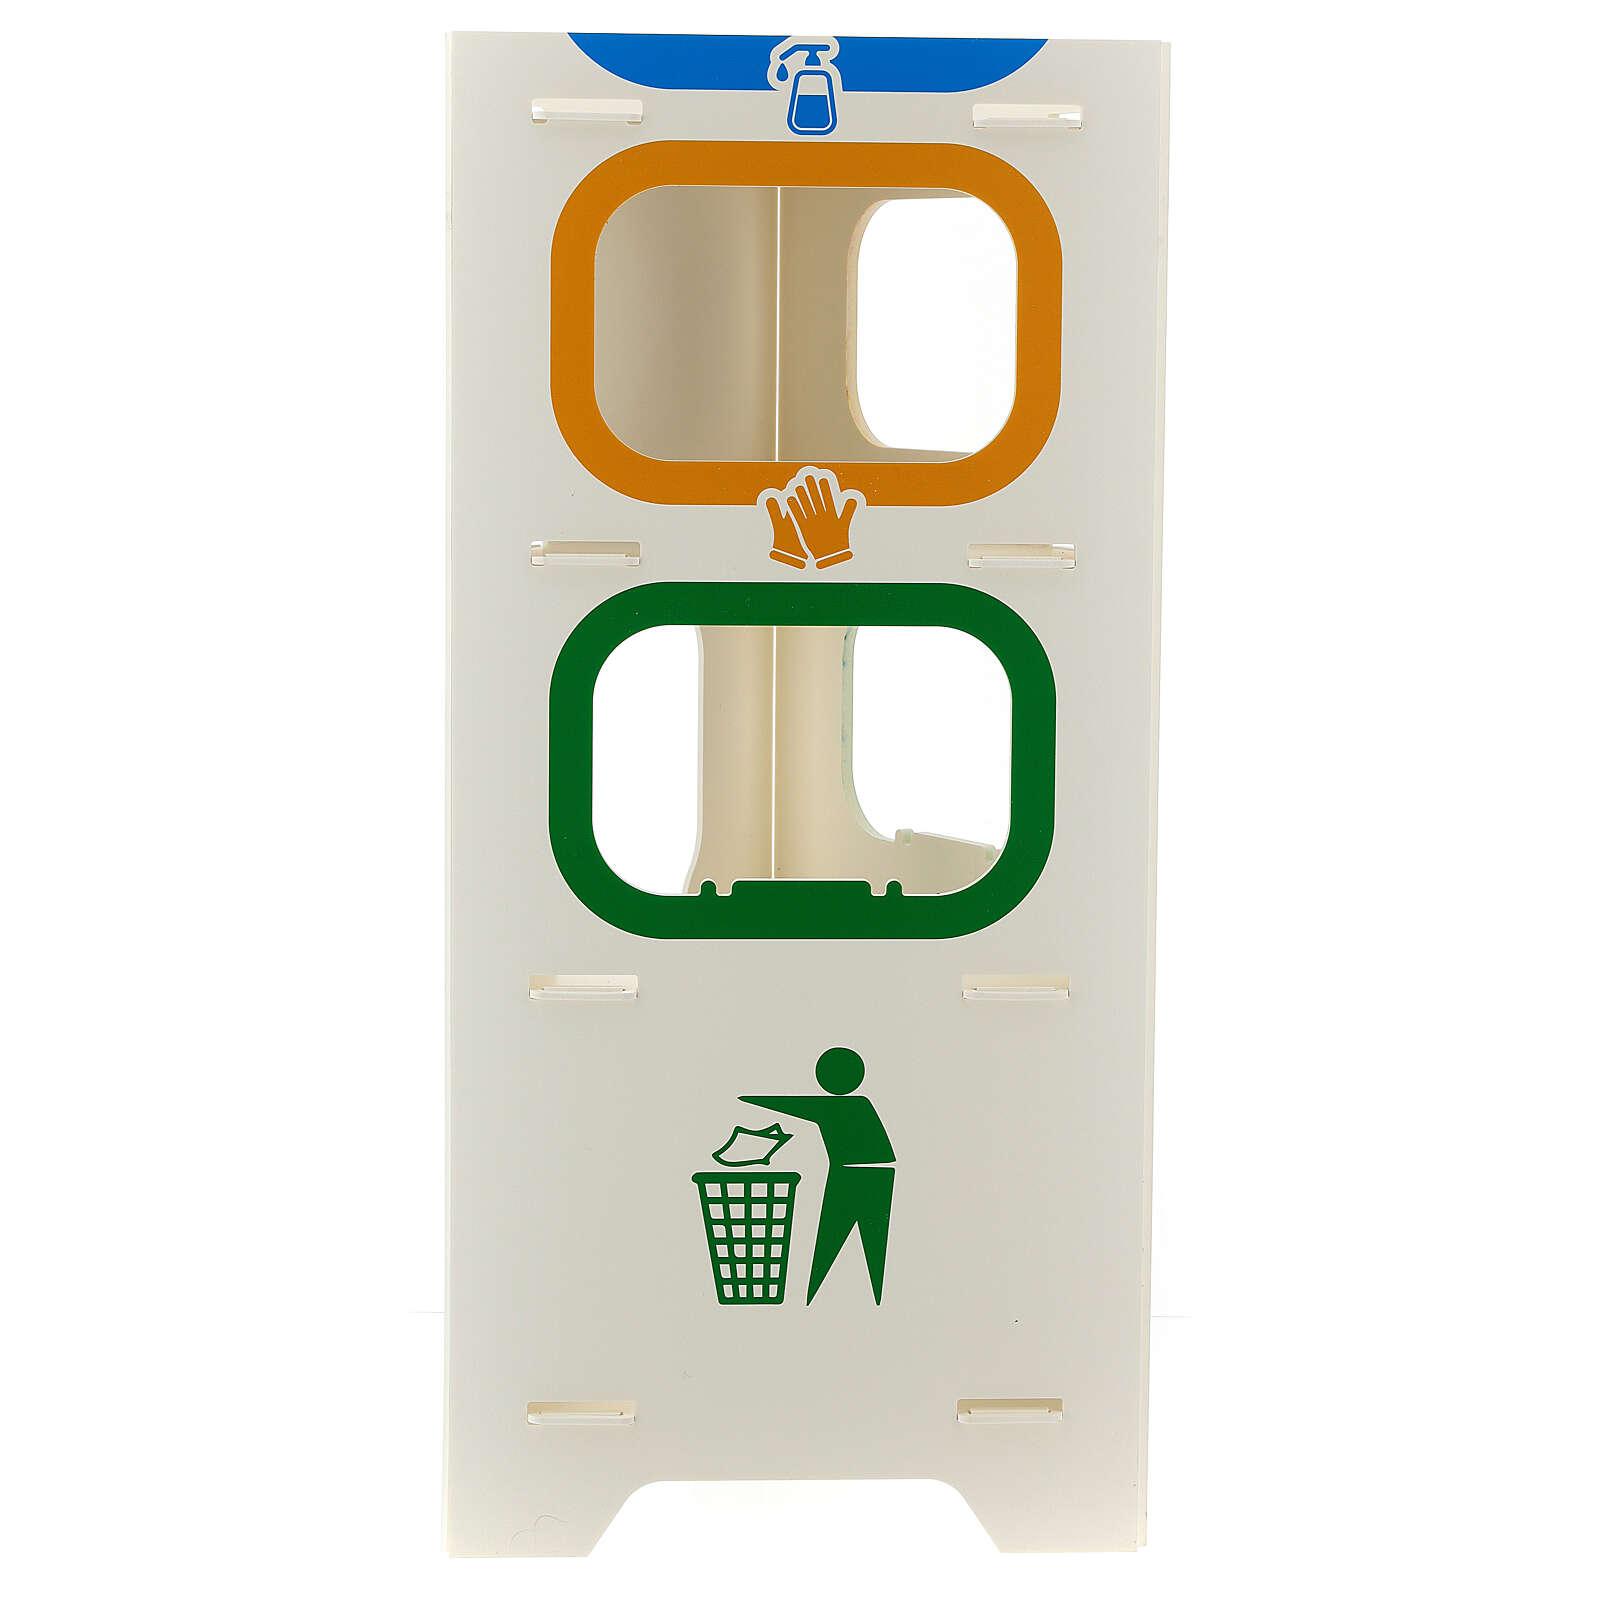 Hygiene station for sanitizer gloves and waste 3